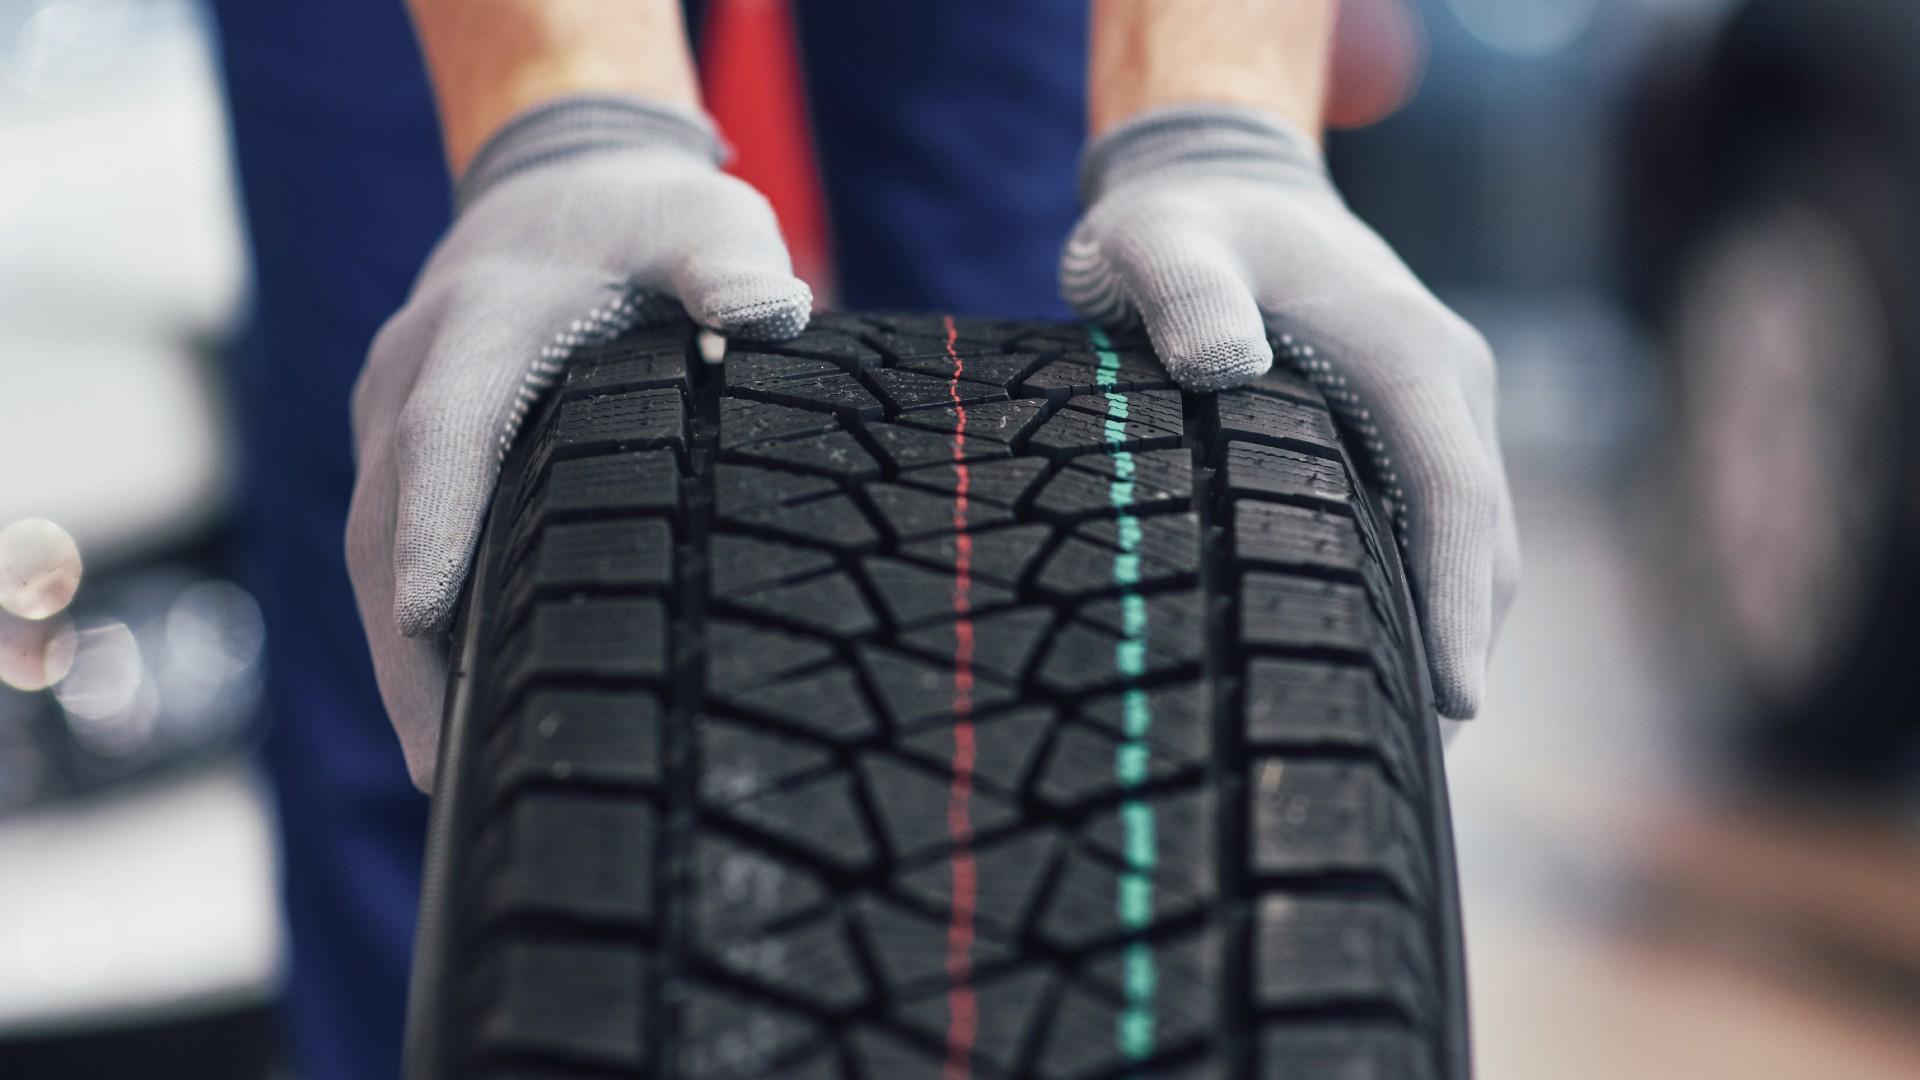 migliore-pneumatico-per-auto